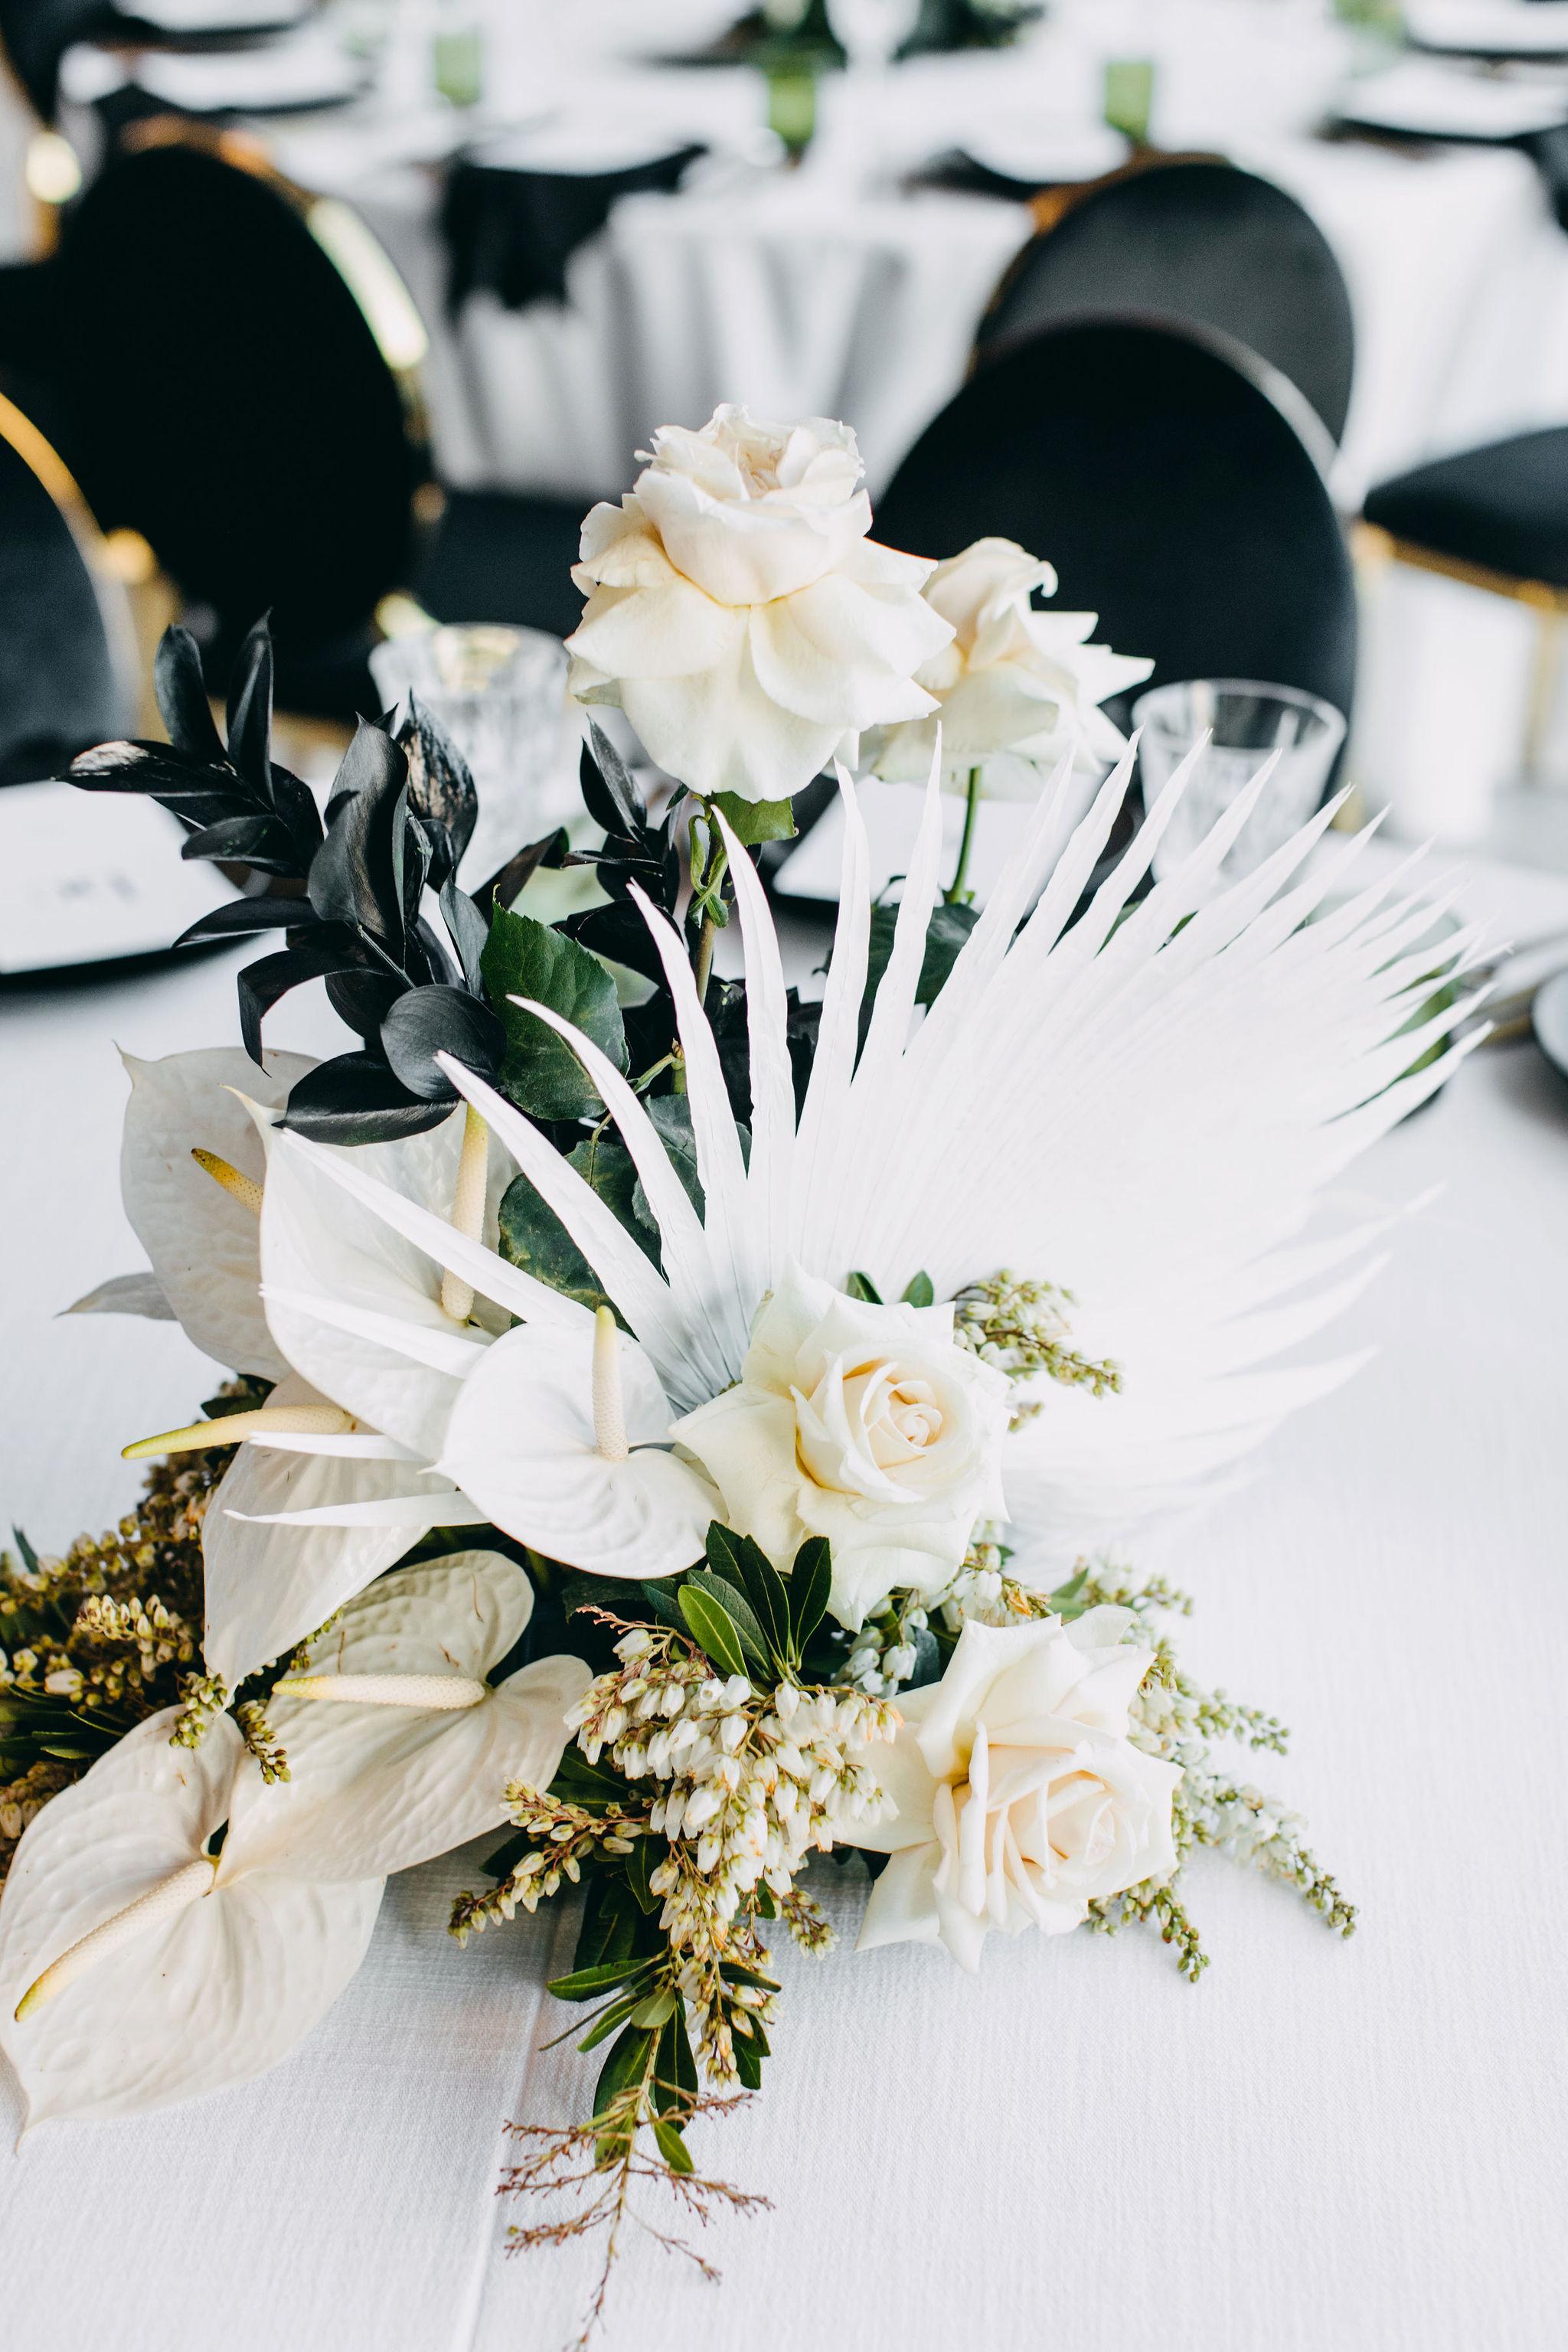 WEDDINGOPENDAY-STATEBUILDINGS-25AUG2019-24